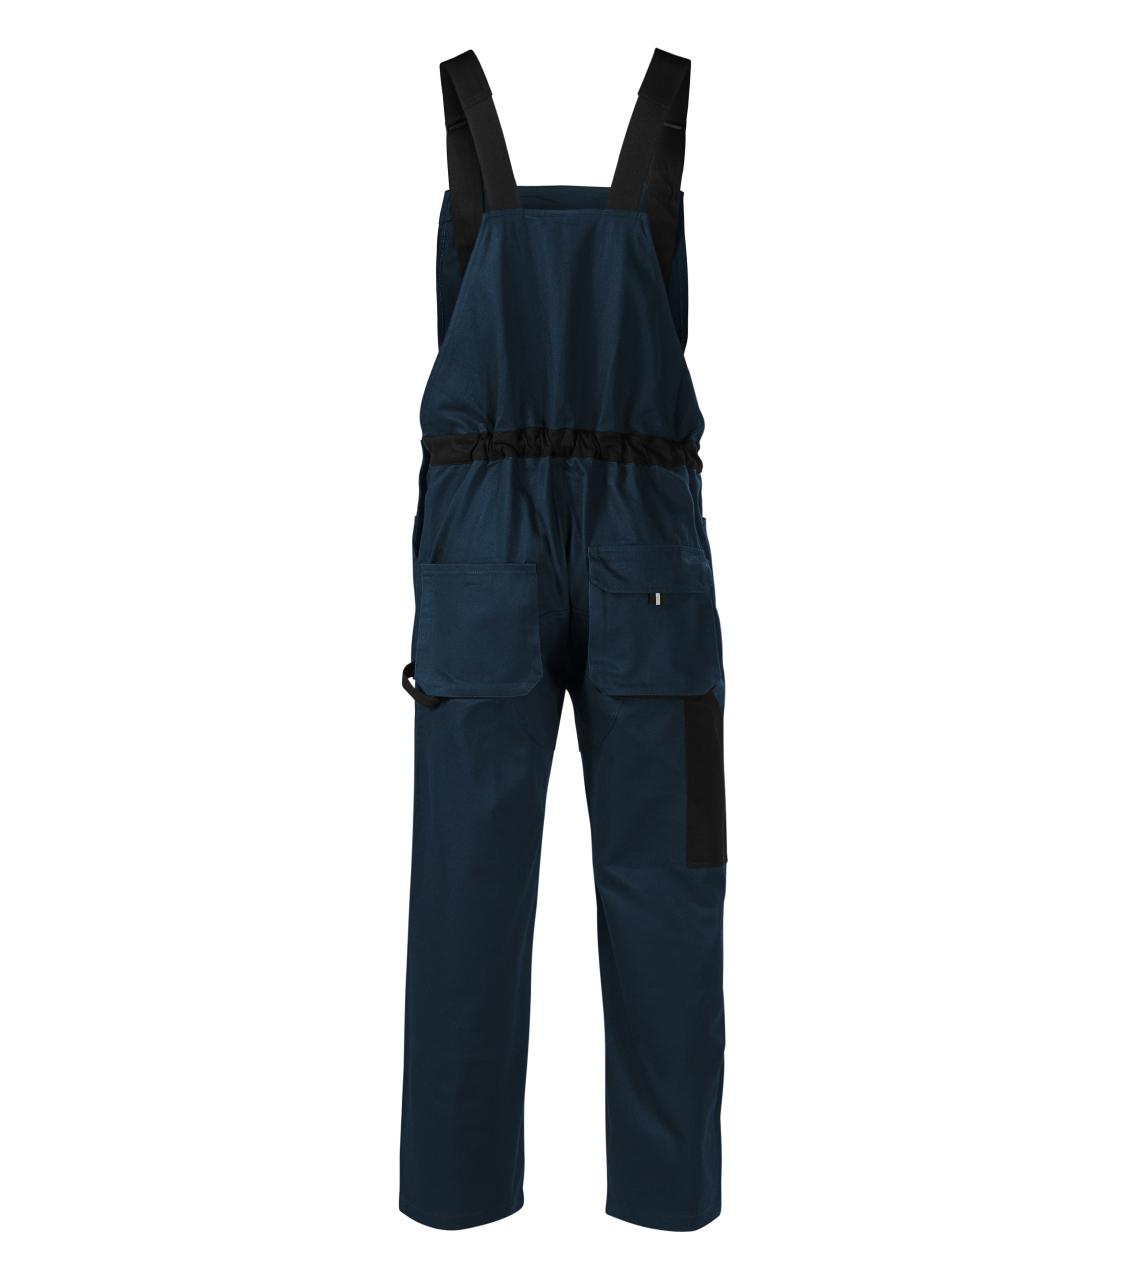 Woody pracovní kalhoty s laclem pánské Rimeck ADLER CZECH námořní modrá M